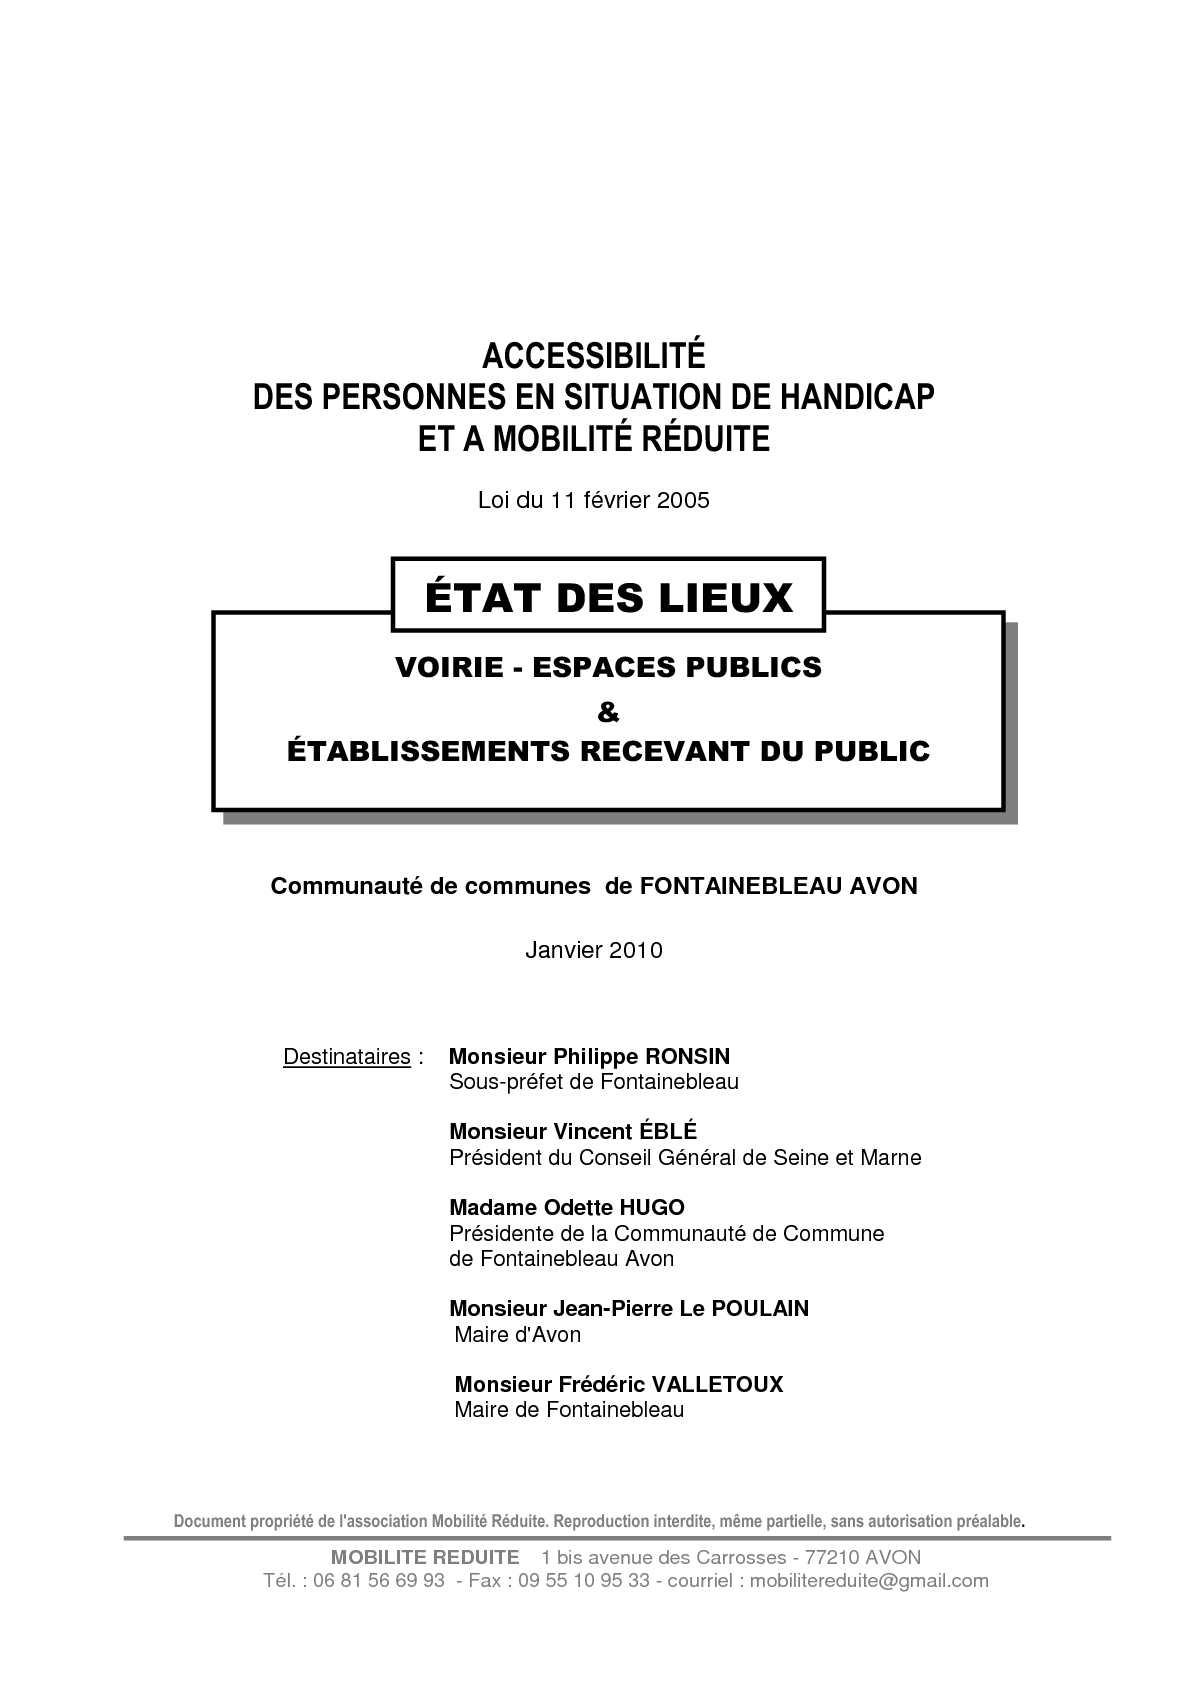 Accessibilite Erp Salle De Bain ~ calam o fontainebleau avon rapport sur l accessibilit des